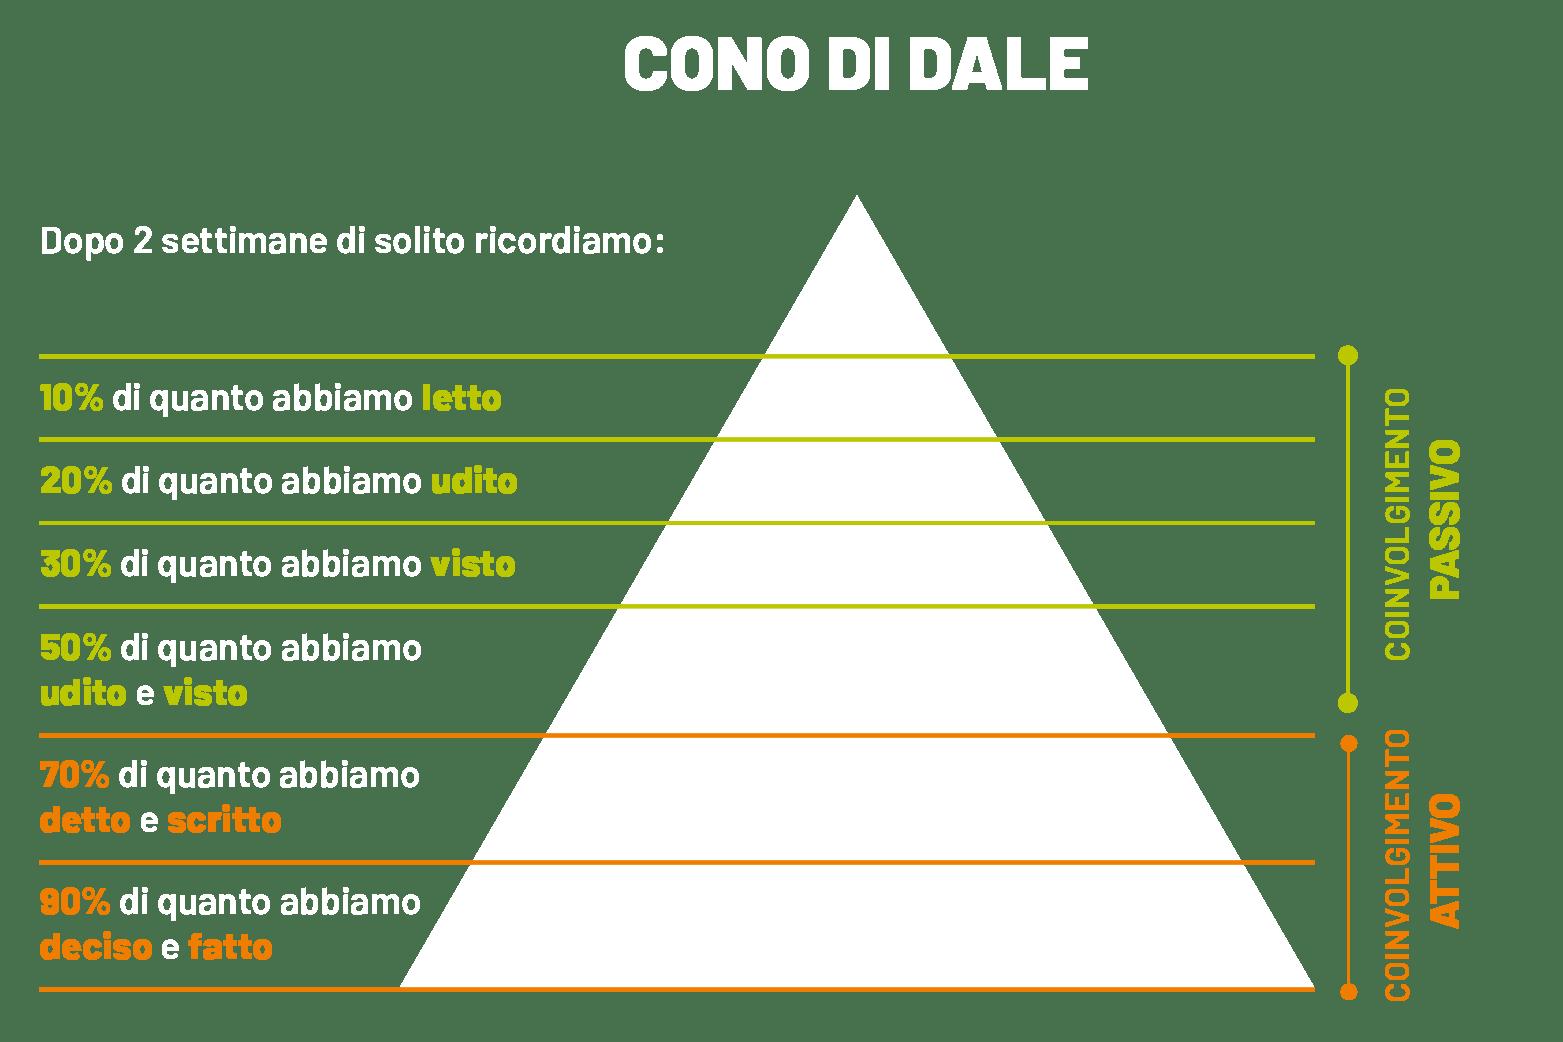 Cono_Dale_Tavola disegno 1